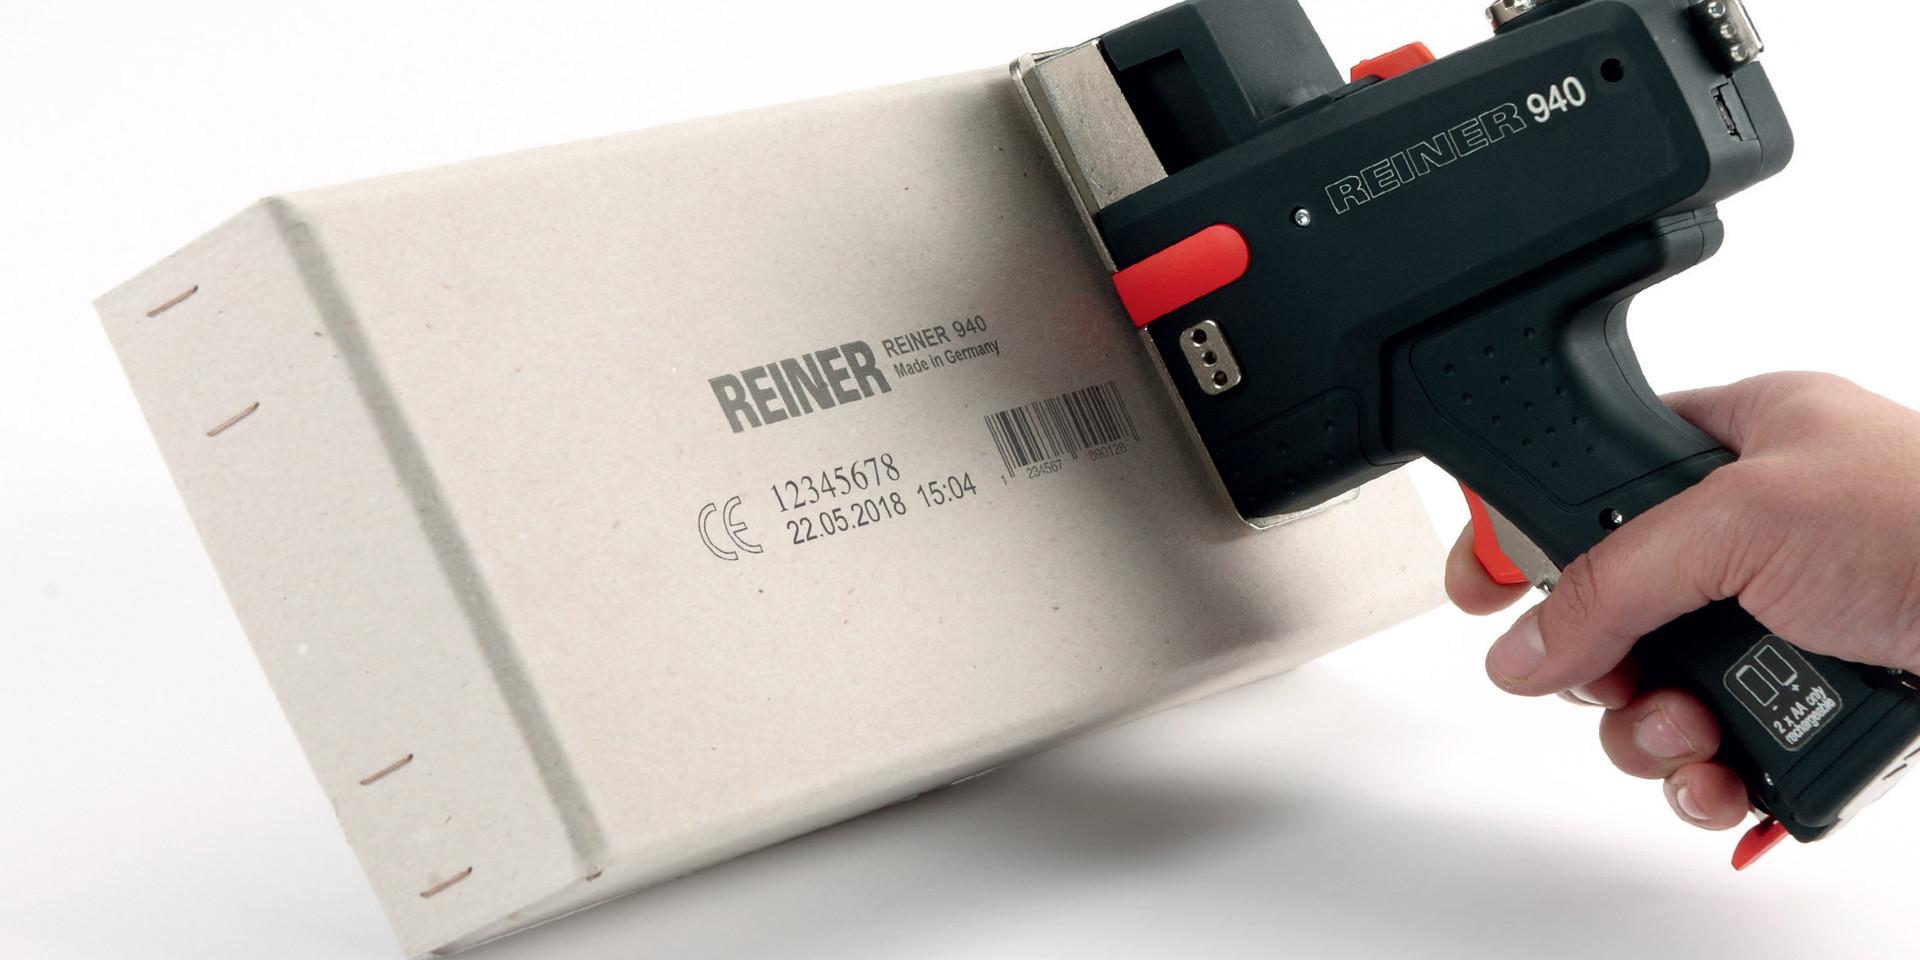 REINER-940.jpg